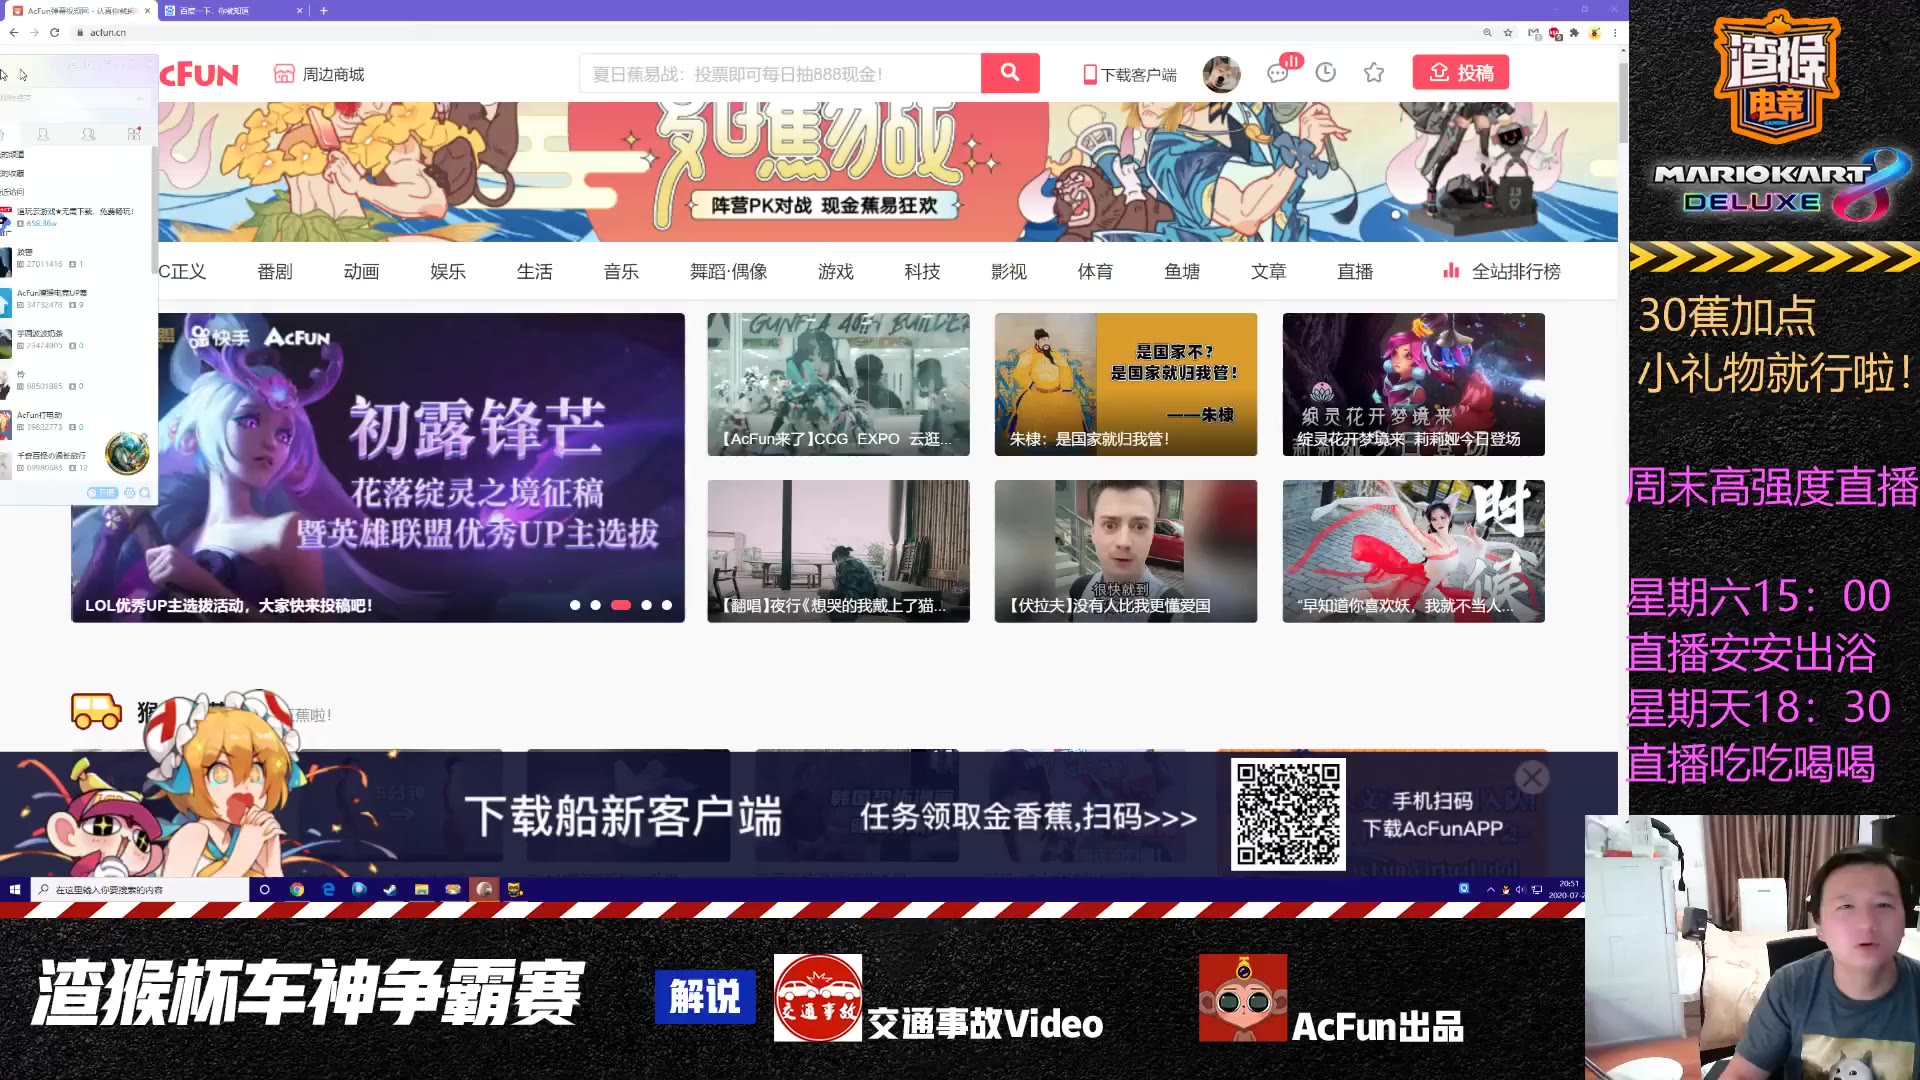 【渣猴电竞】【长安一条柴】【2020-07-24】直播录像